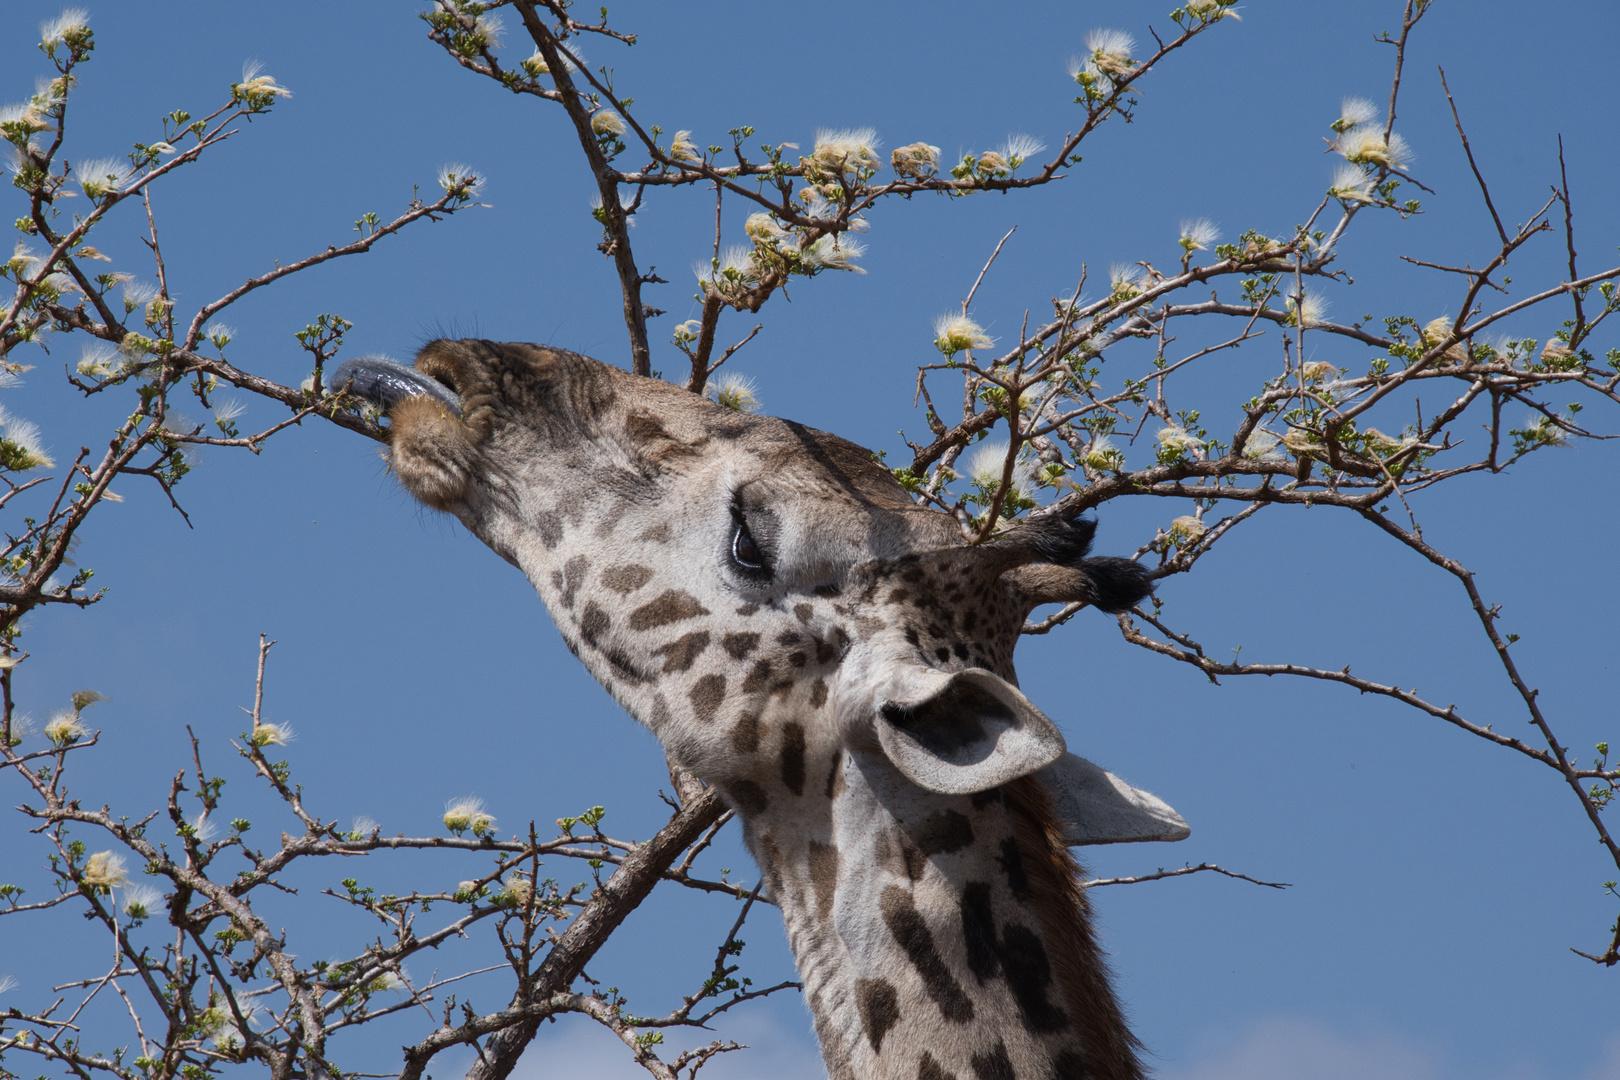 Giraffe_Zunge